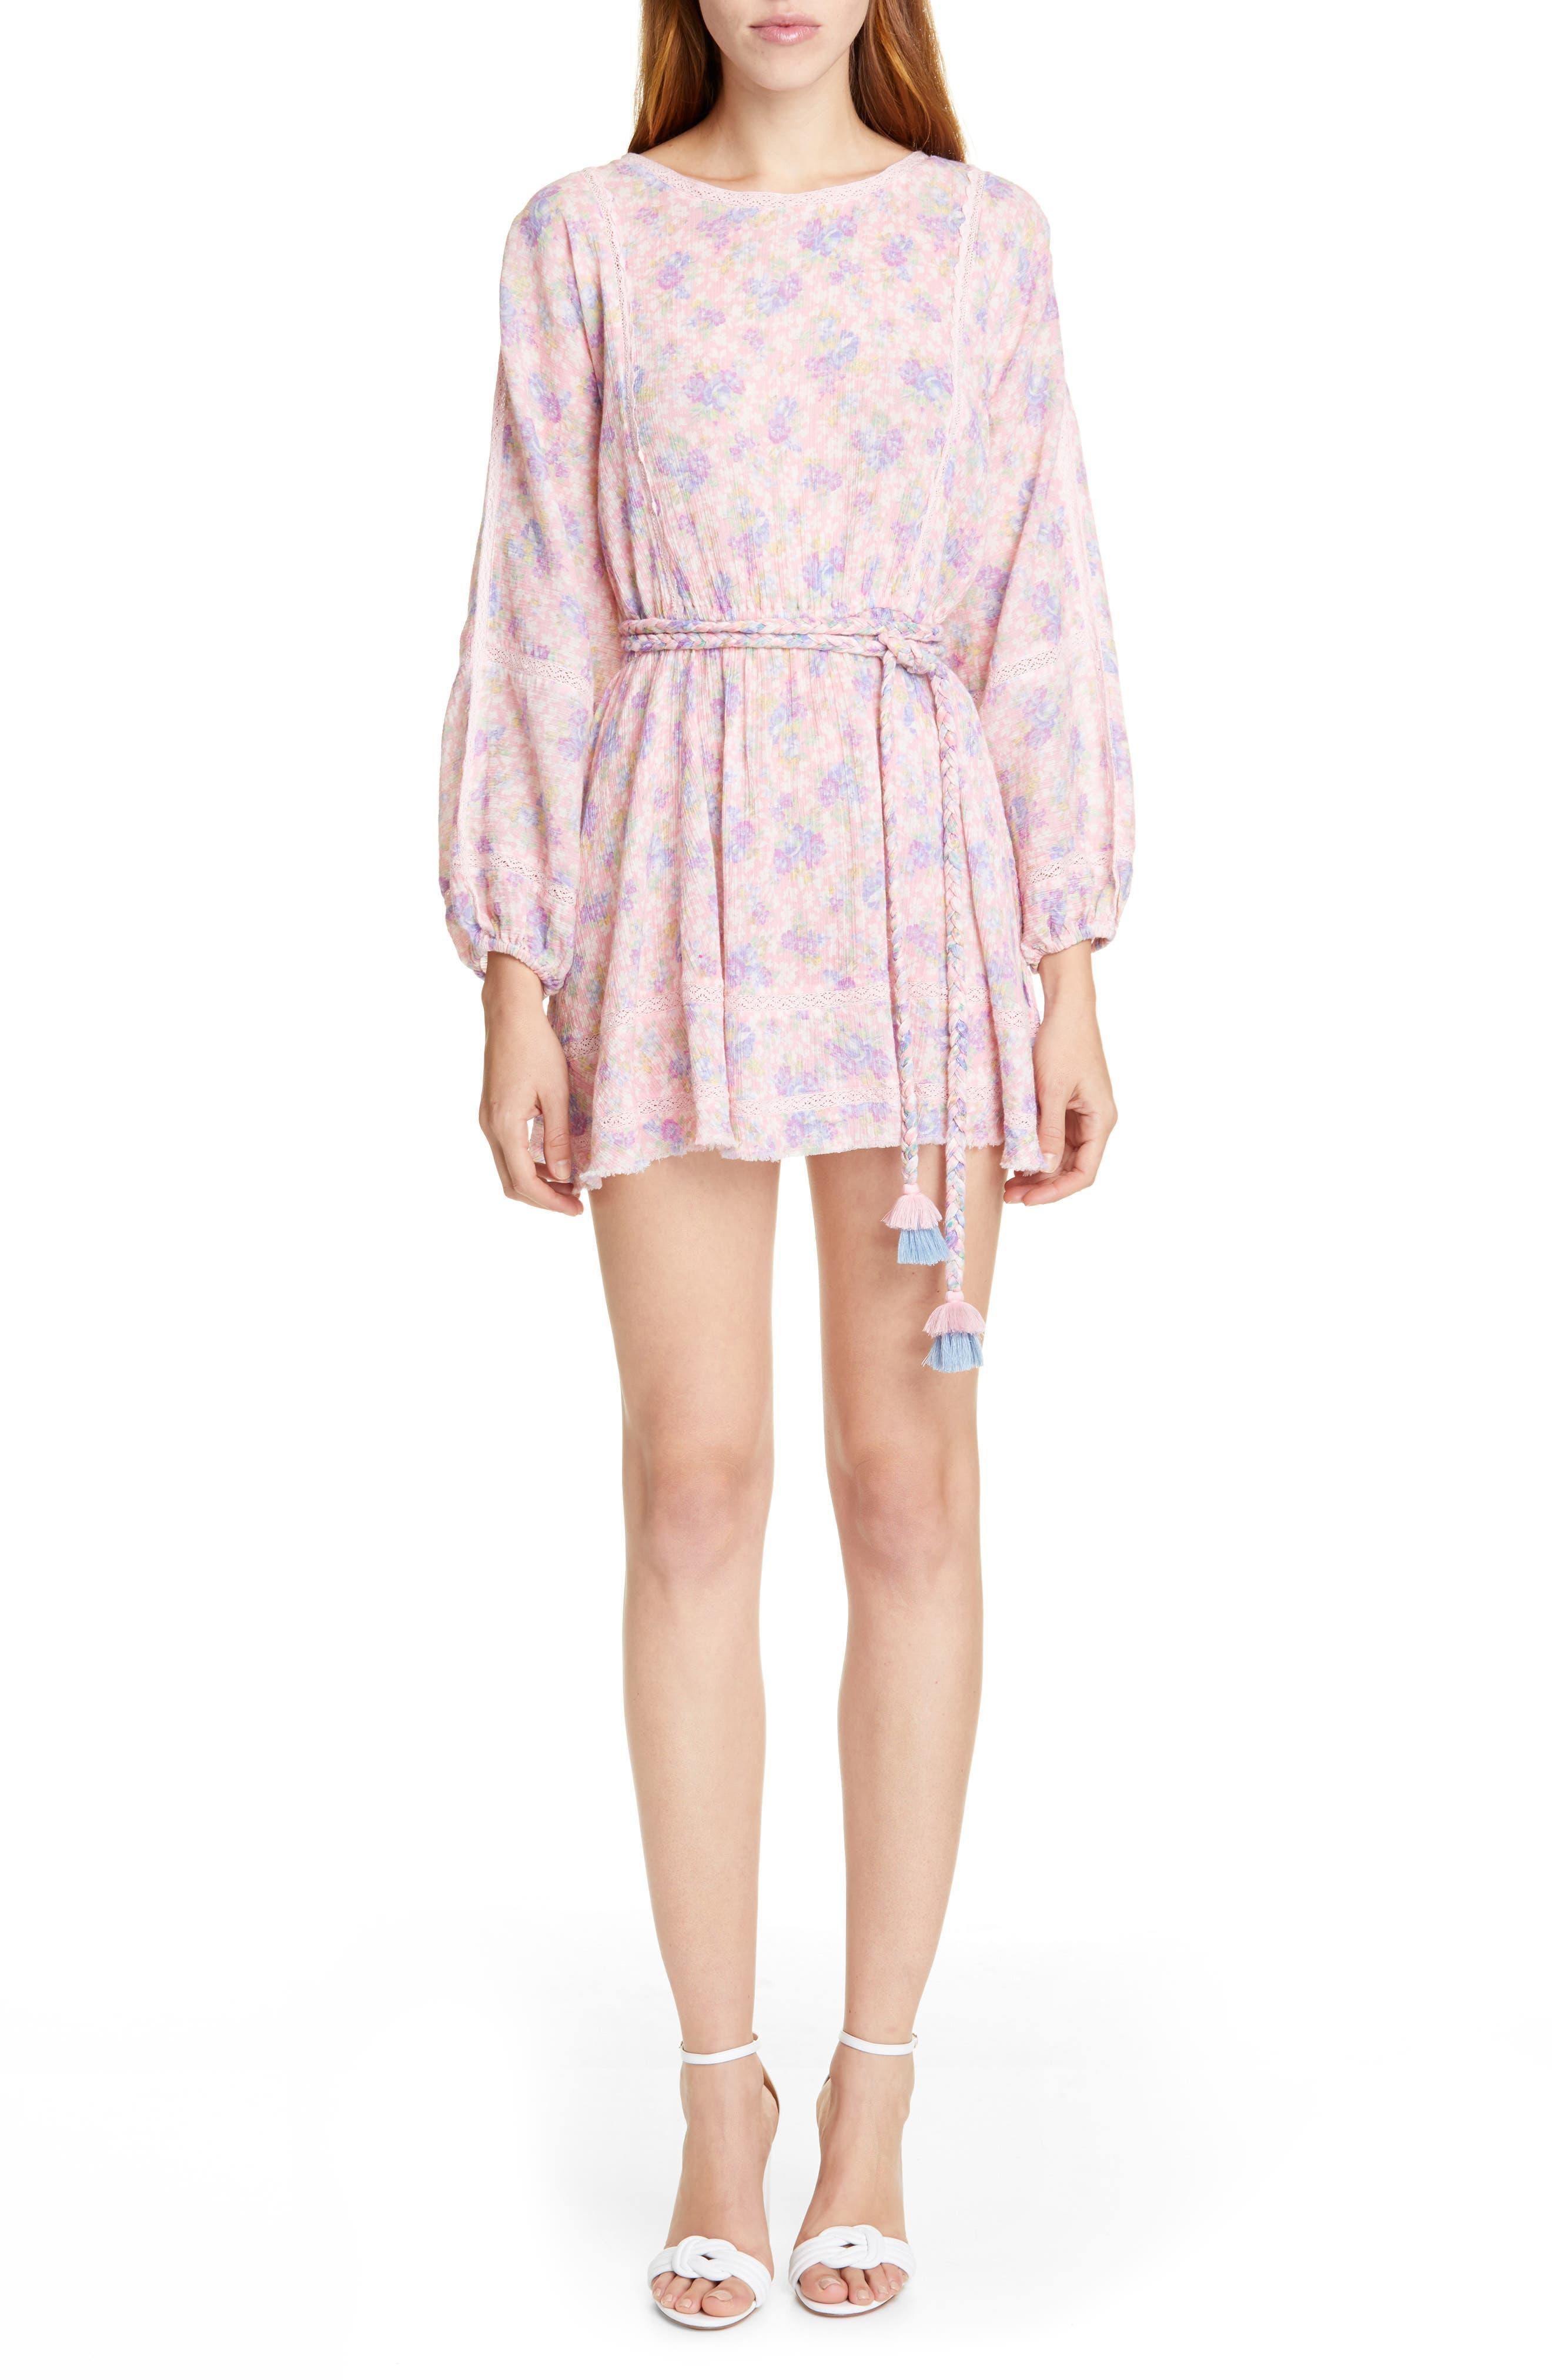 Loveshackfancy Noelle Long Sleeve Dress, Pink